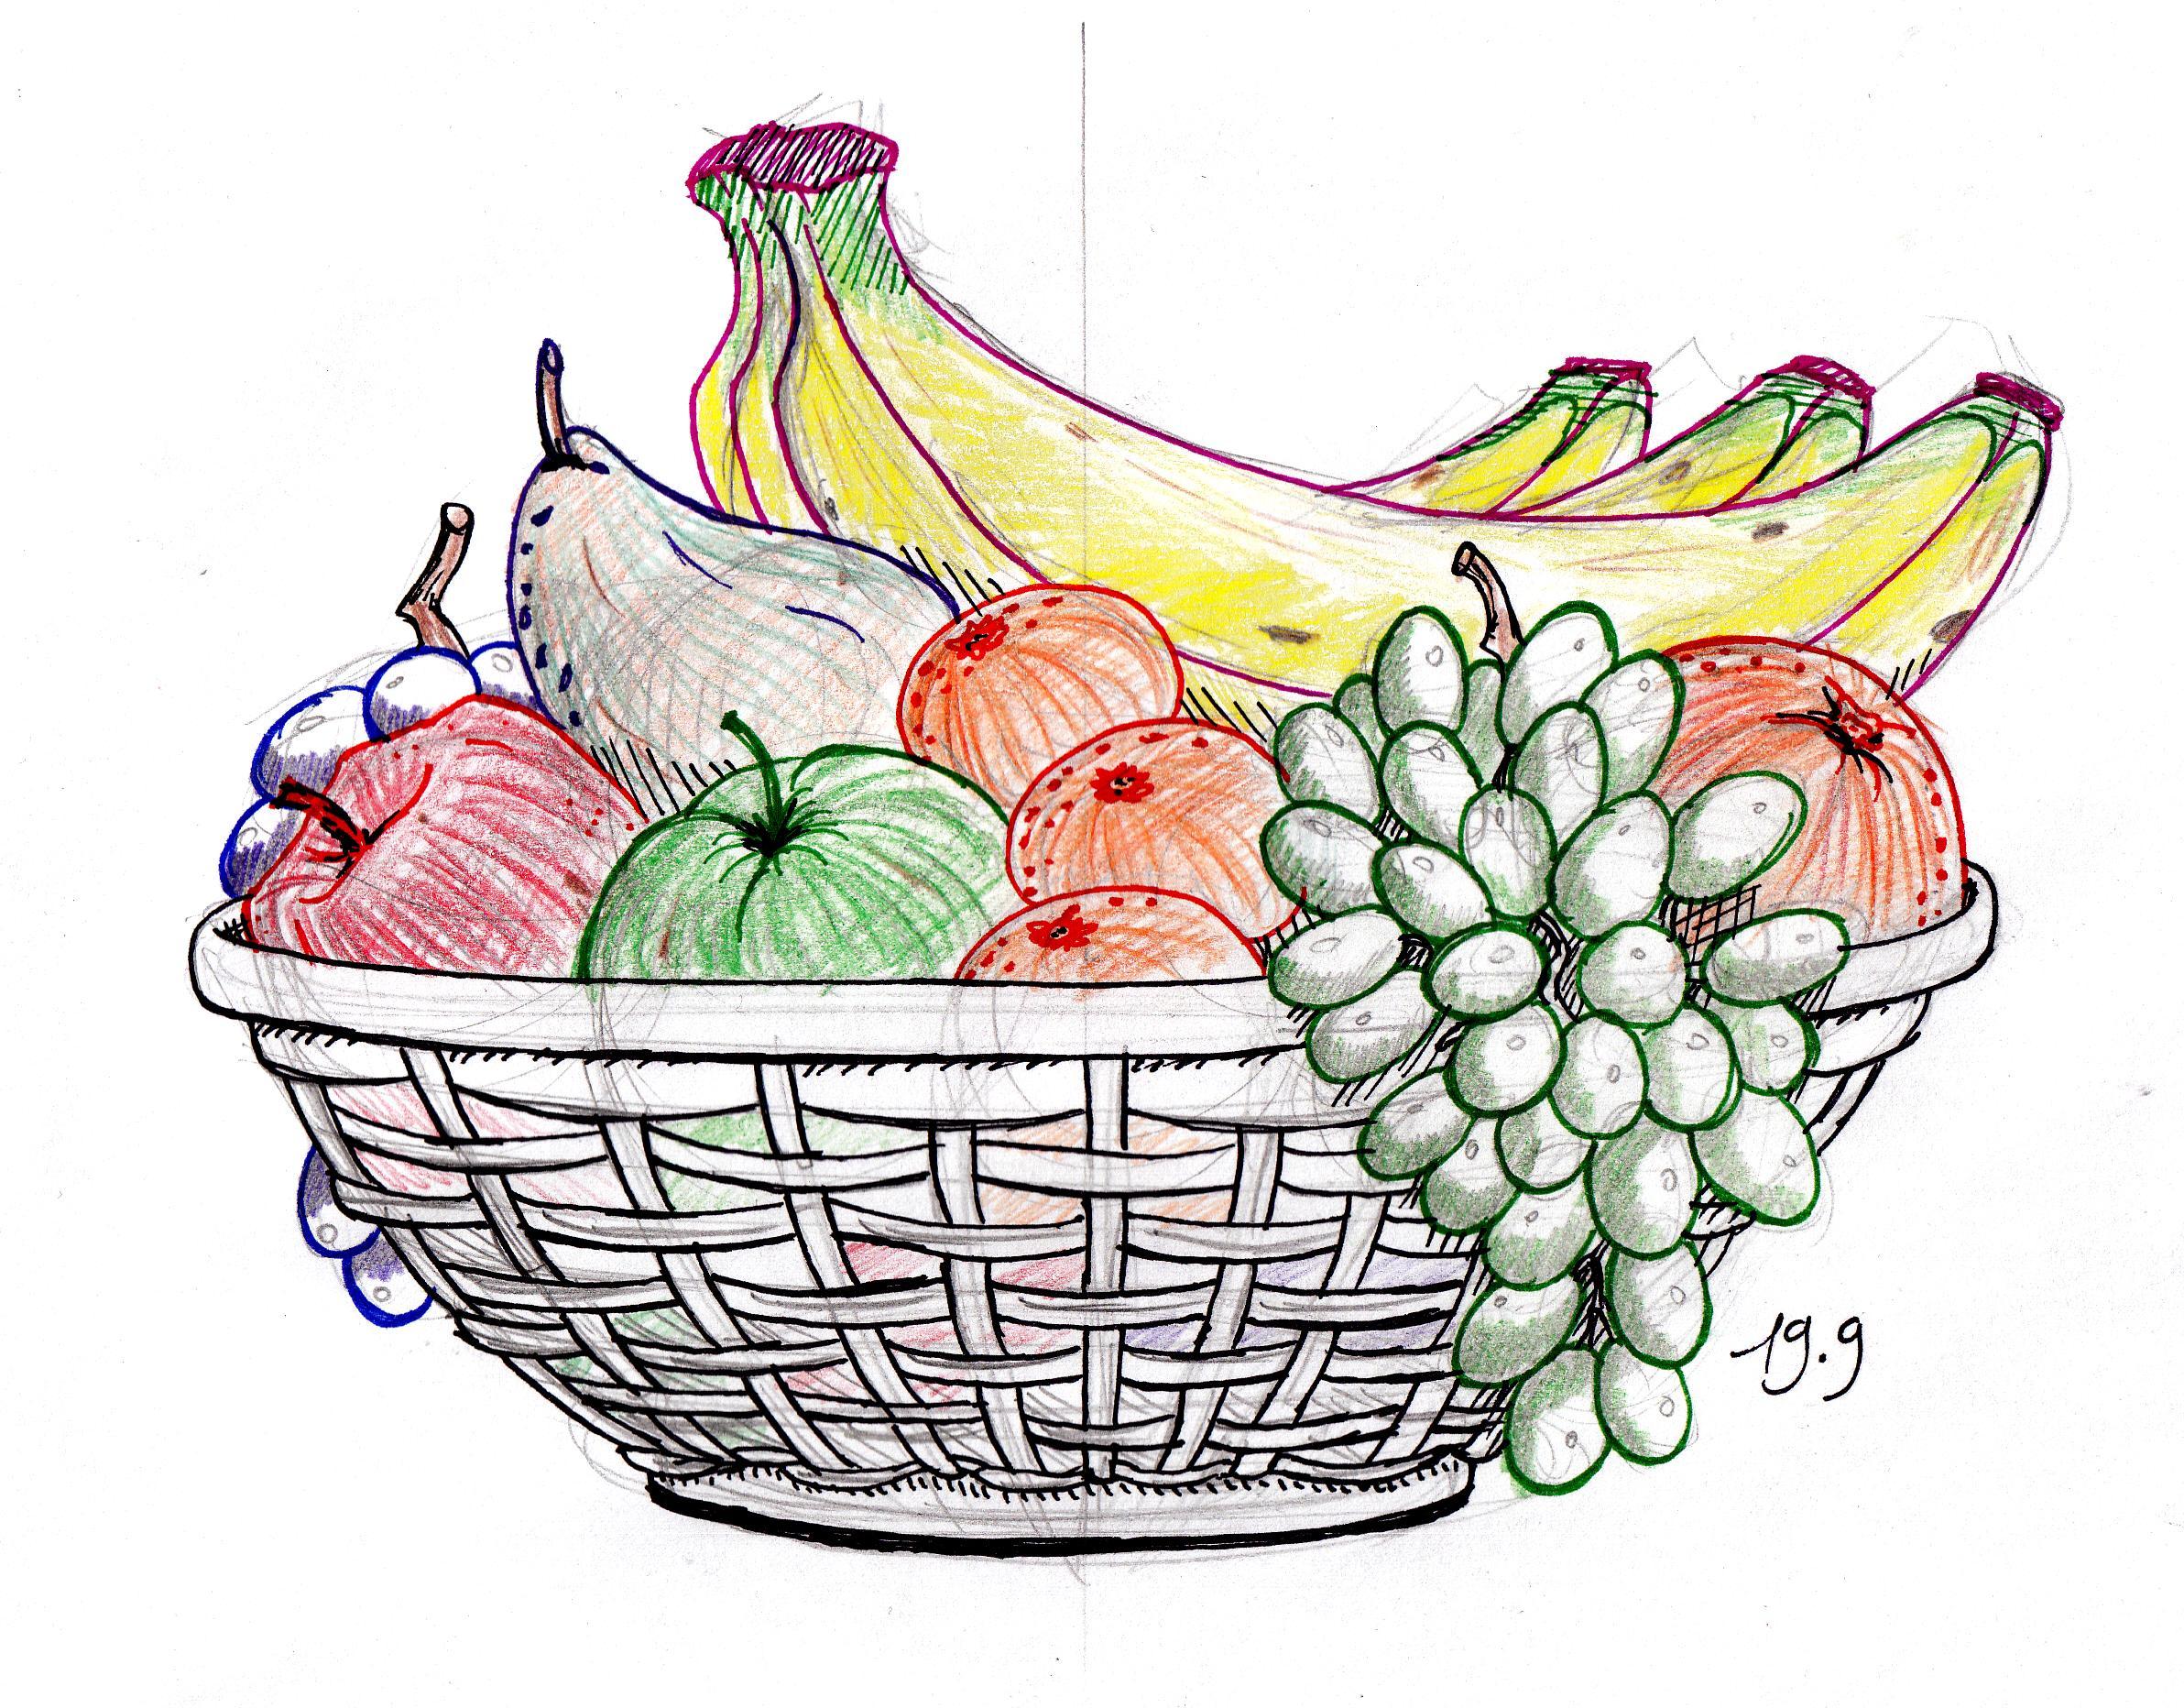 2384x1864 Sketches Of Fruits Baskets Vegetable Basket Pencil Sketch